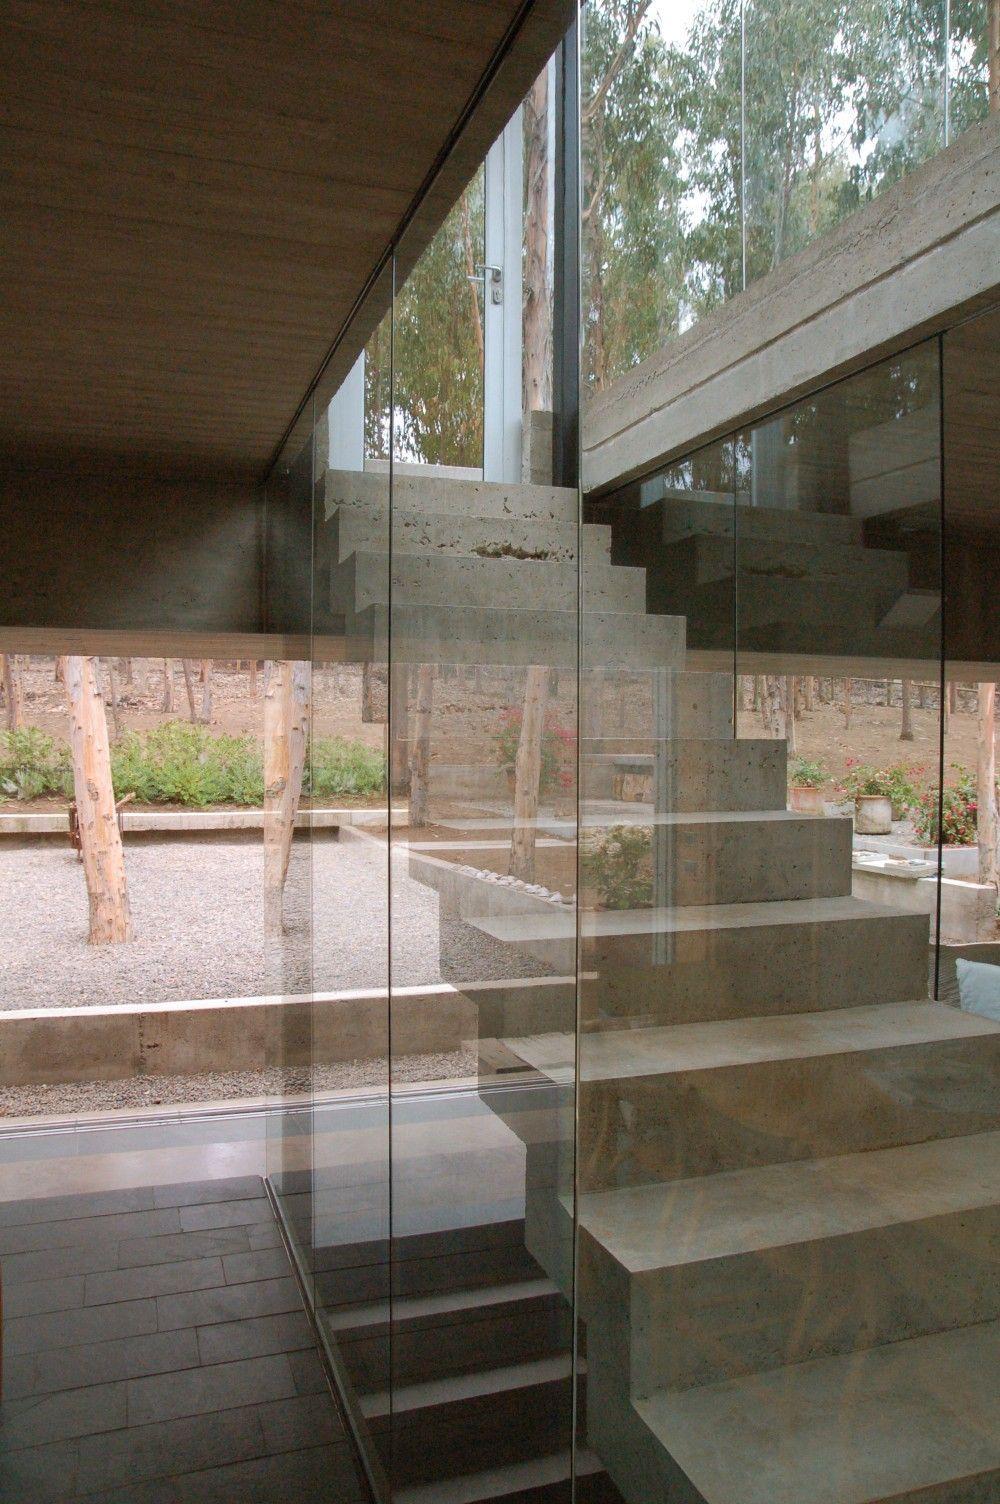 escalera hormigon | Hormigón visto | Pinterest | Lofts, Stairways ...